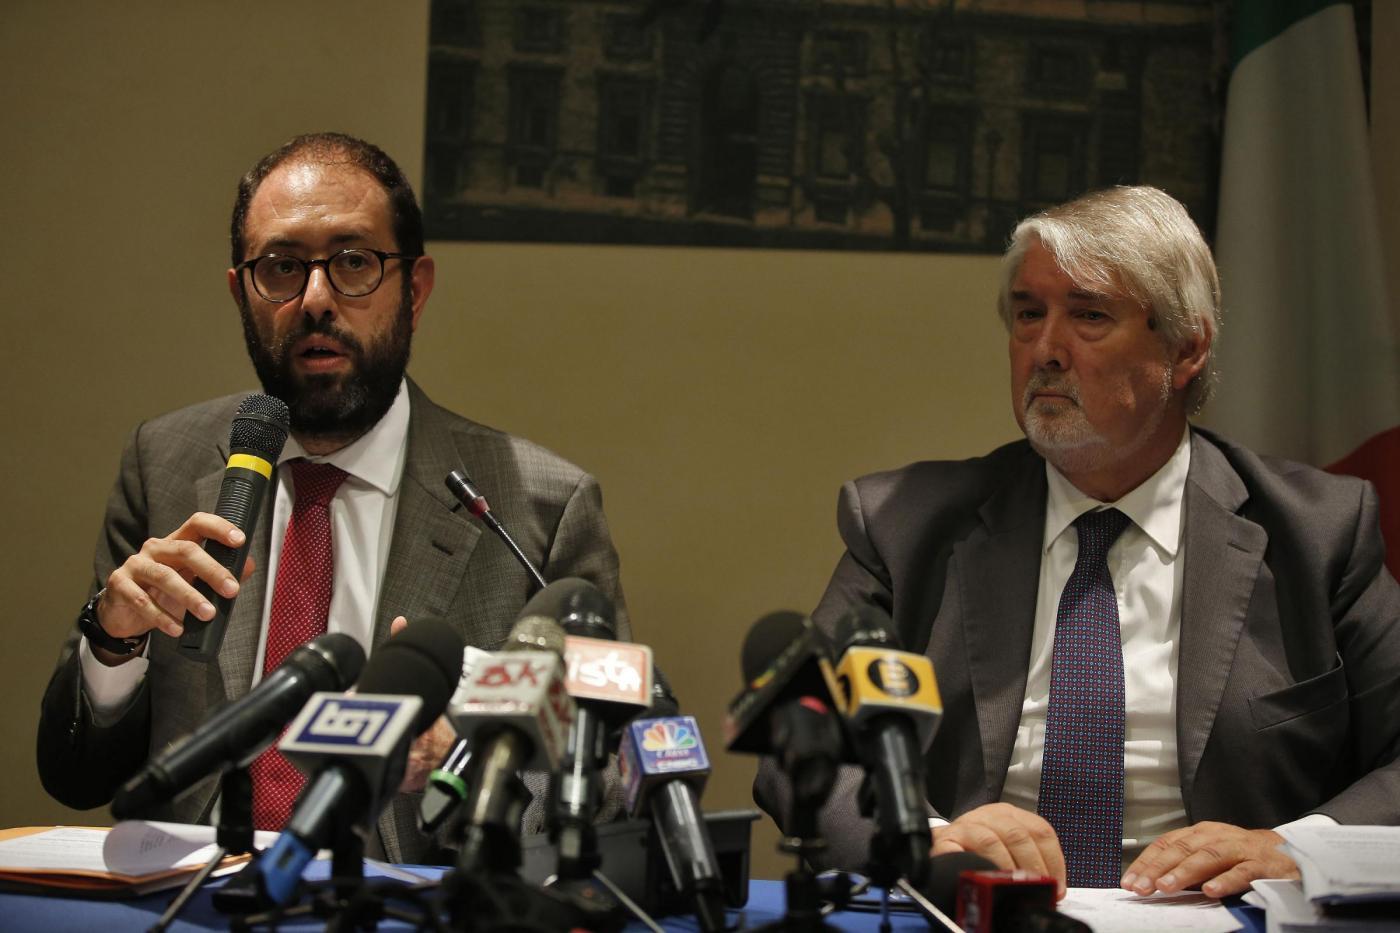 Conferenza stampa a margine dell'incontro tra Governo e sindacati su pensioni e lavoro